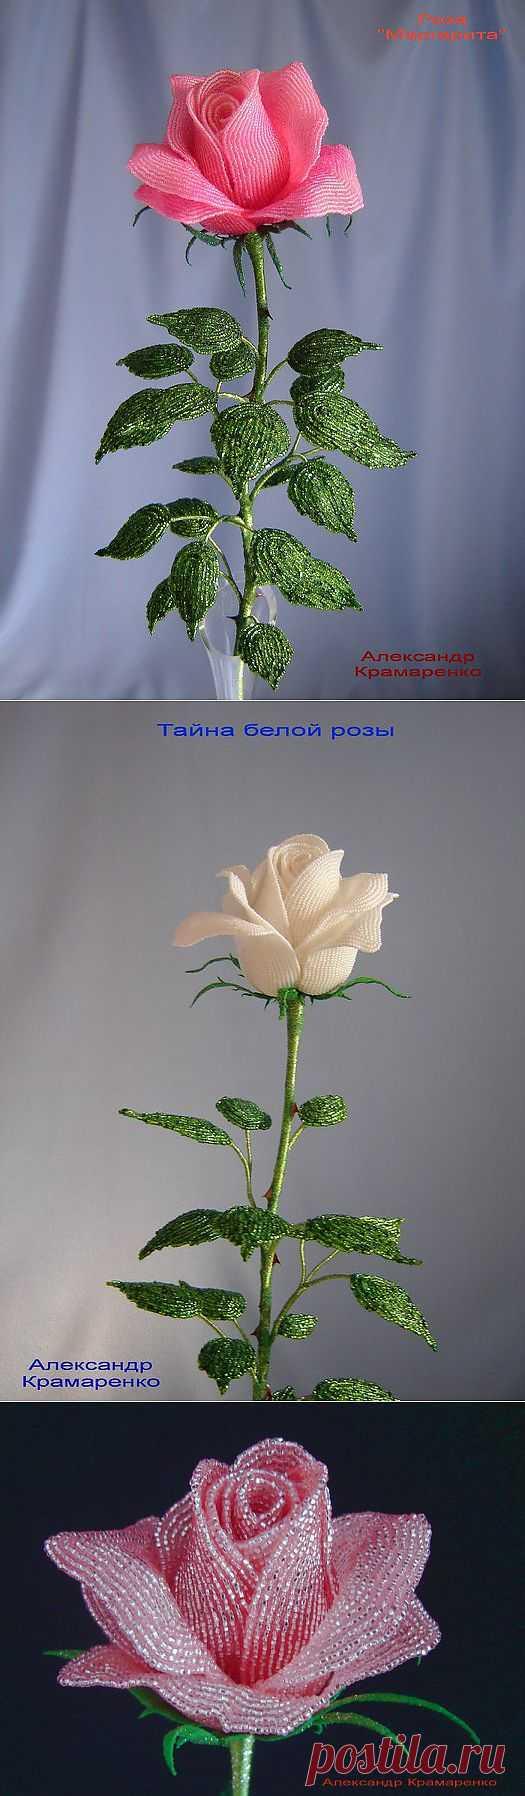 Как хороши, как свежи были розы! Волшебный бисер..